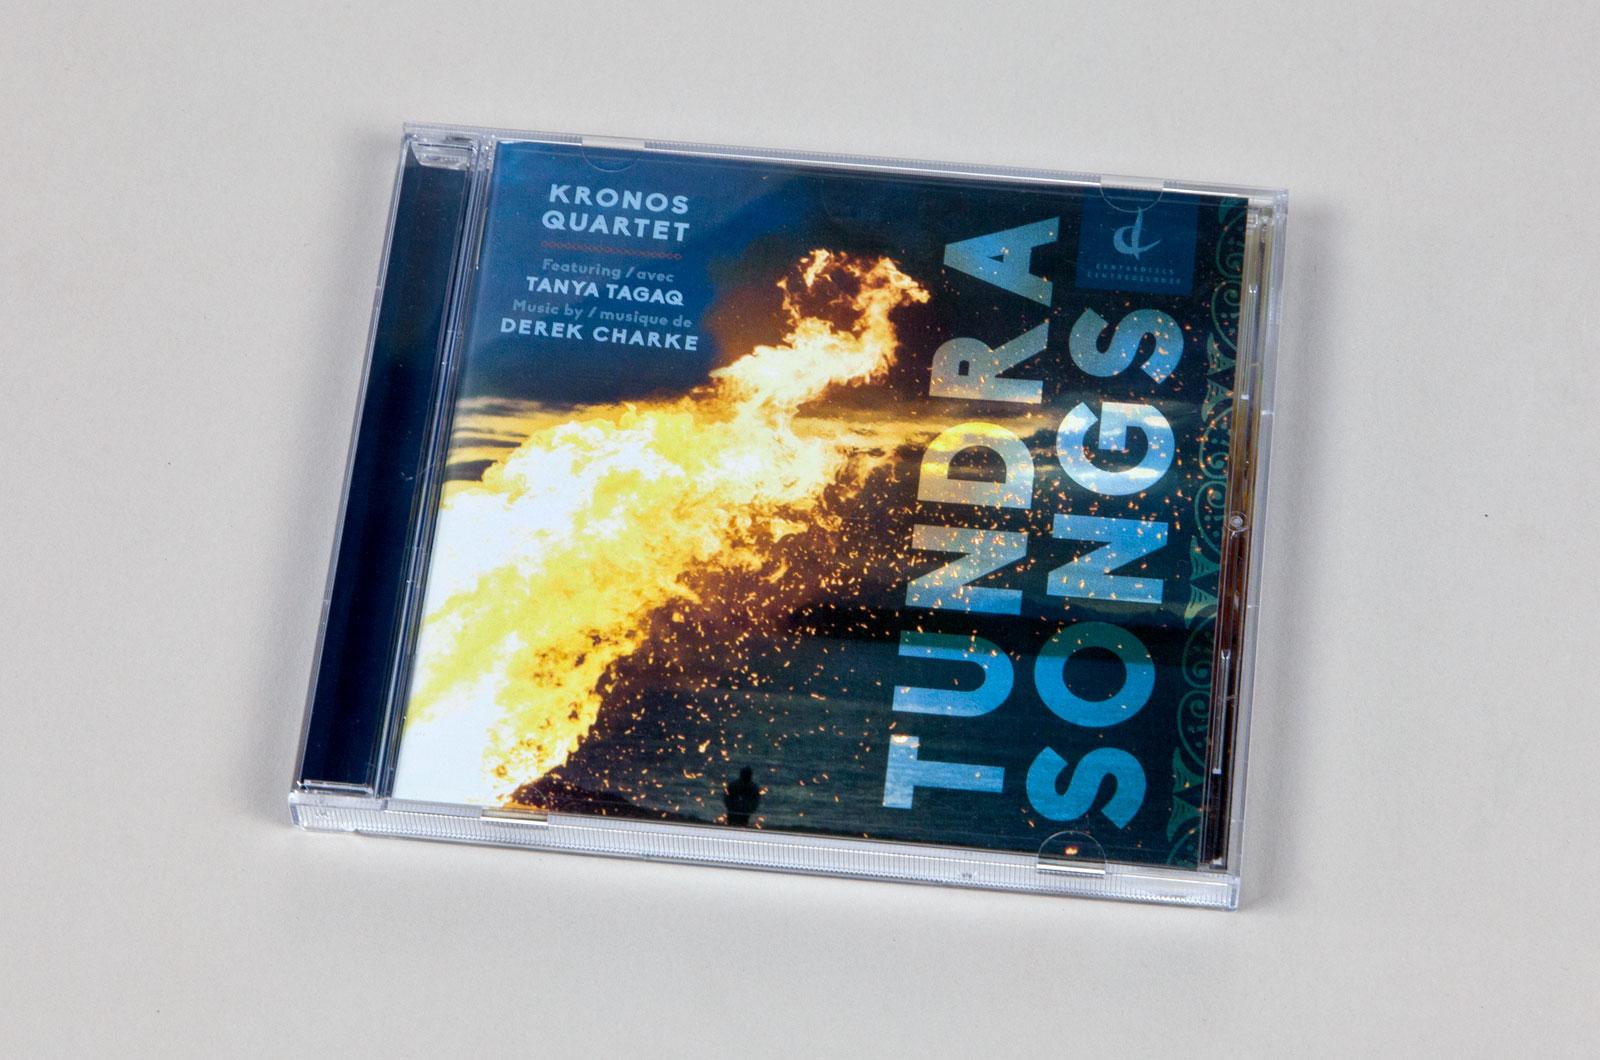 CD Packaging Image